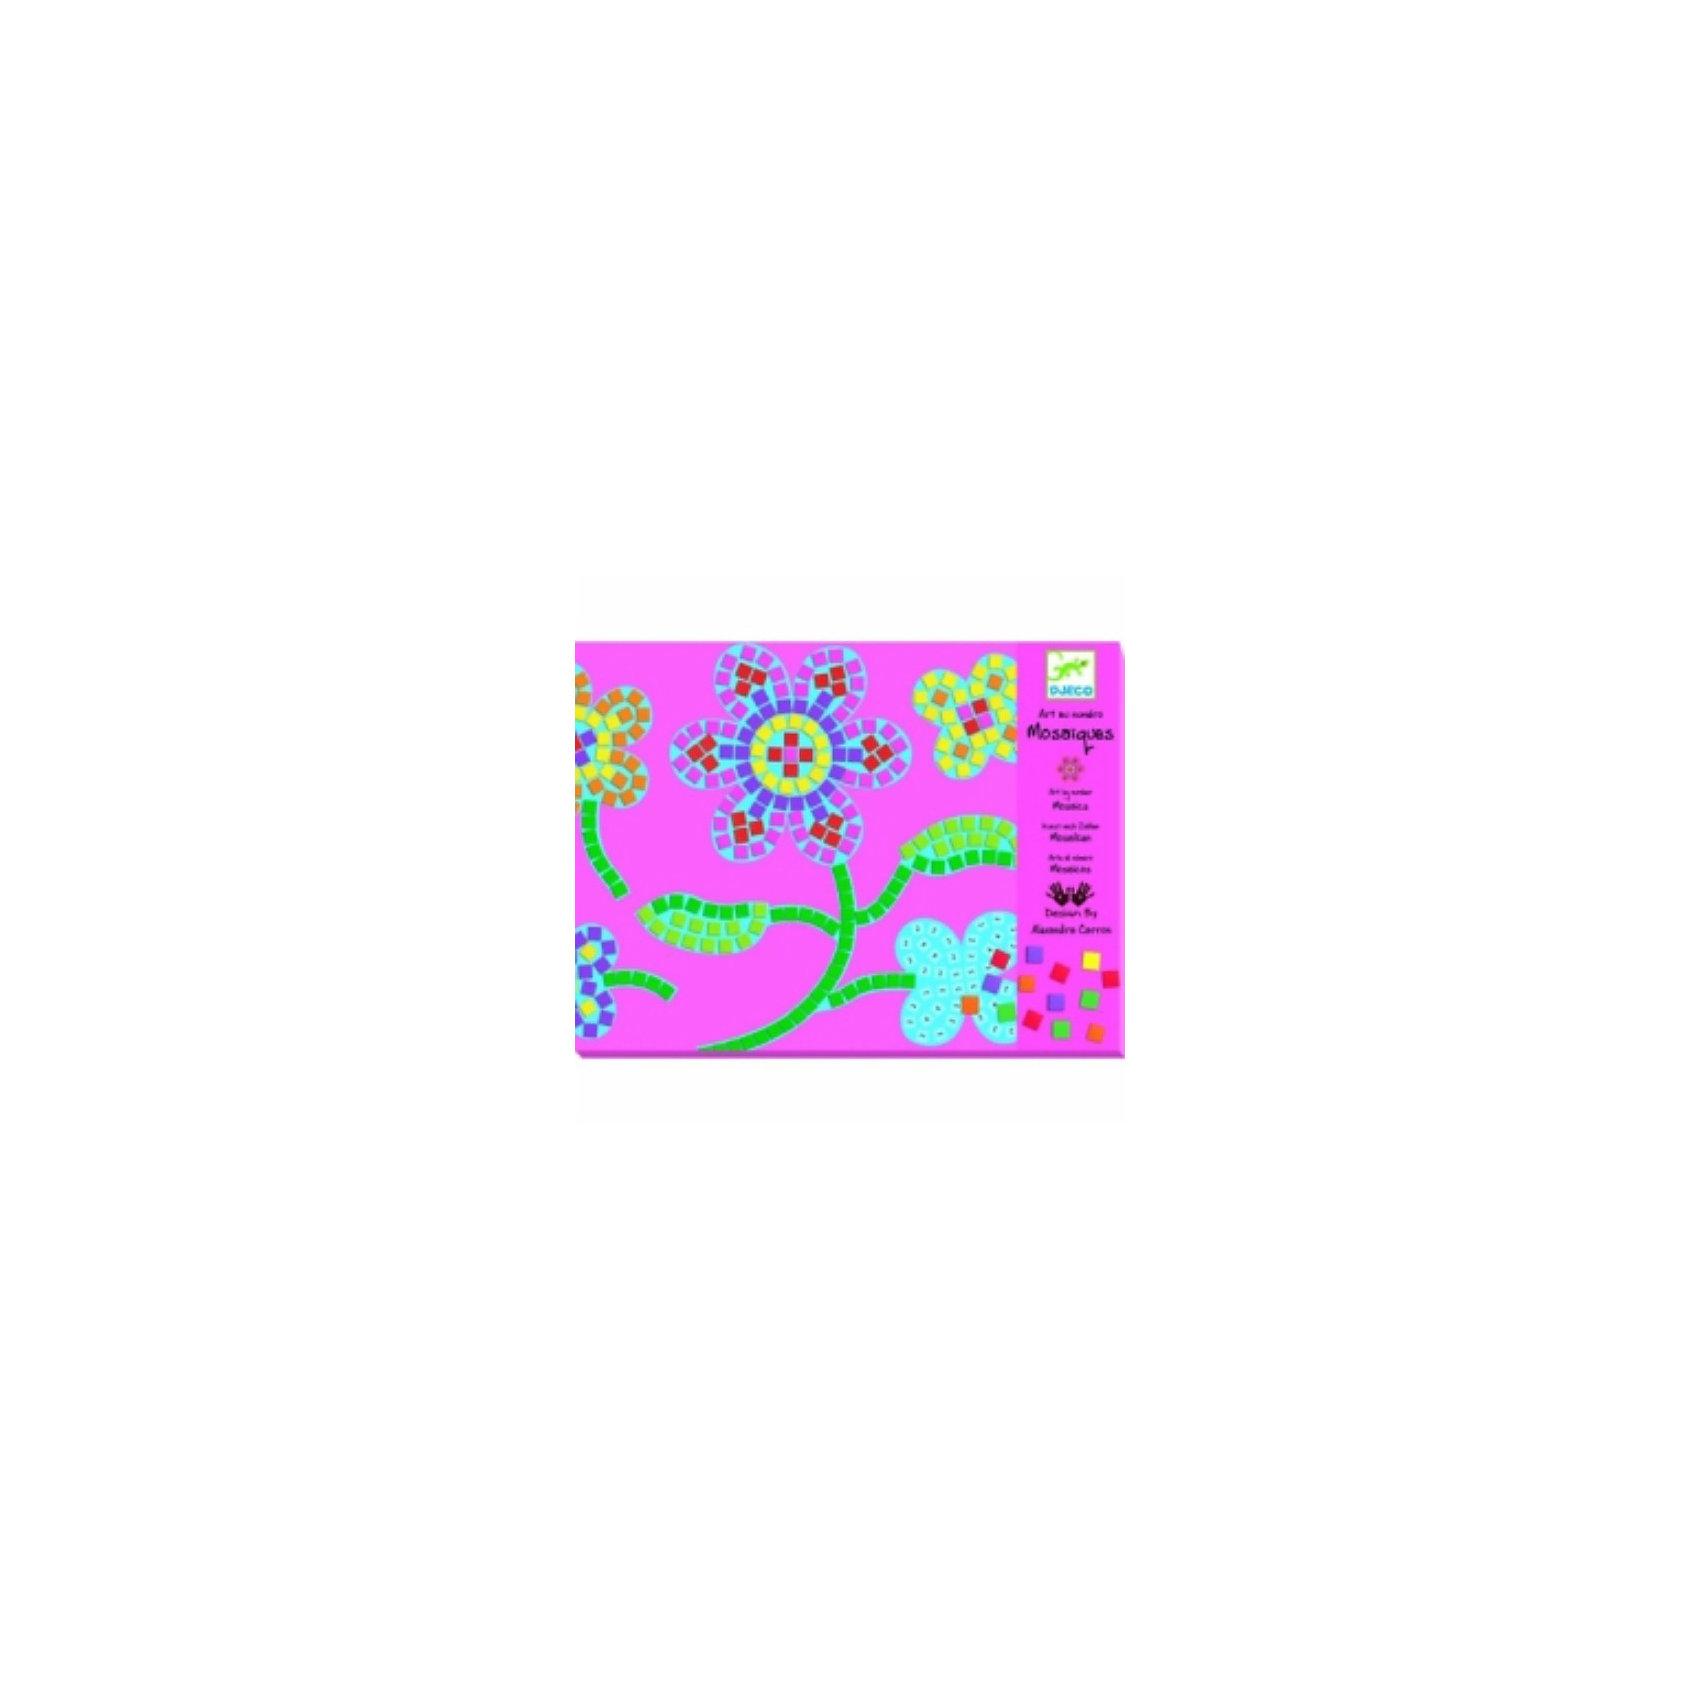 Мозаика Цветы, DJECOМозаика<br>Увлекательный набор Цветы DJECO (Джеко) познакомит ребенка с искусством мозаики. С помощью необходимых деталей можно создать две красочные картинки-мозаики с изображениями цветов. Изготовить мозаику несложно – надо на контур в соответствии с цифрами наклеить цветные квадратики, имитирующие кусочки смальты. Цветовую гамму ребенок может выбрать самостоятельно, согласно своей творческой фантазии.<br><br>Дополнительная информация:<br><br>- В комплекте: 2 картинки-базы, 8 листов с мягкими наклейками, подробная инструкция.<br>- Материал: картон.<br>- Размер упаковки: 1,2 х 21,2 х 28,1см.<br>- Вес: 0,194 кг. <br><br>Пазл Цветы DJECO (Джеко) можно купить в нашем магазине.<br><br>Ширина мм: 212<br>Глубина мм: 12<br>Высота мм: 282<br>Вес г: 350<br>Возраст от месяцев: 72<br>Возраст до месяцев: 144<br>Пол: Женский<br>Возраст: Детский<br>SKU: 2200037